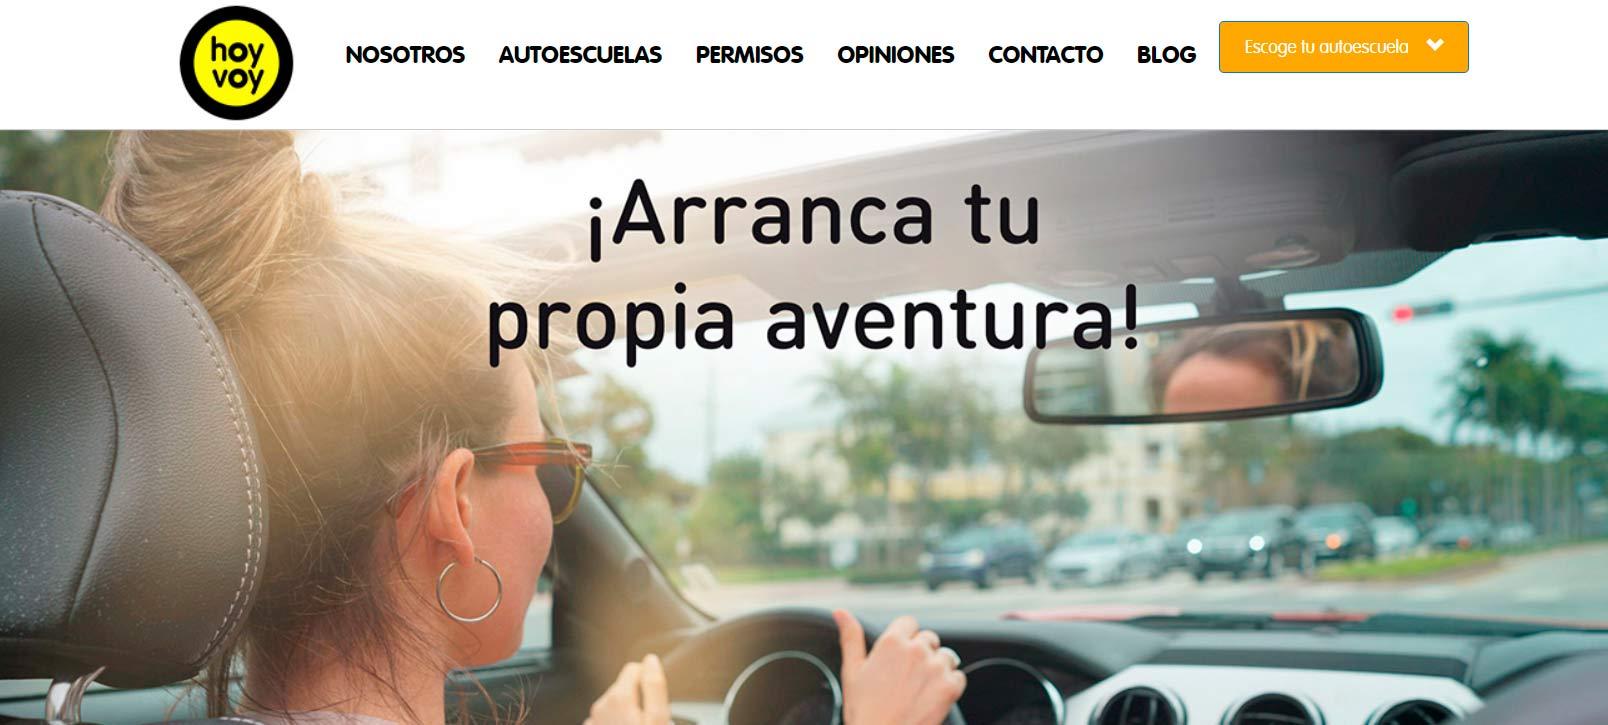 Las 6 mejores Autoescuelas de Zaragoza 1